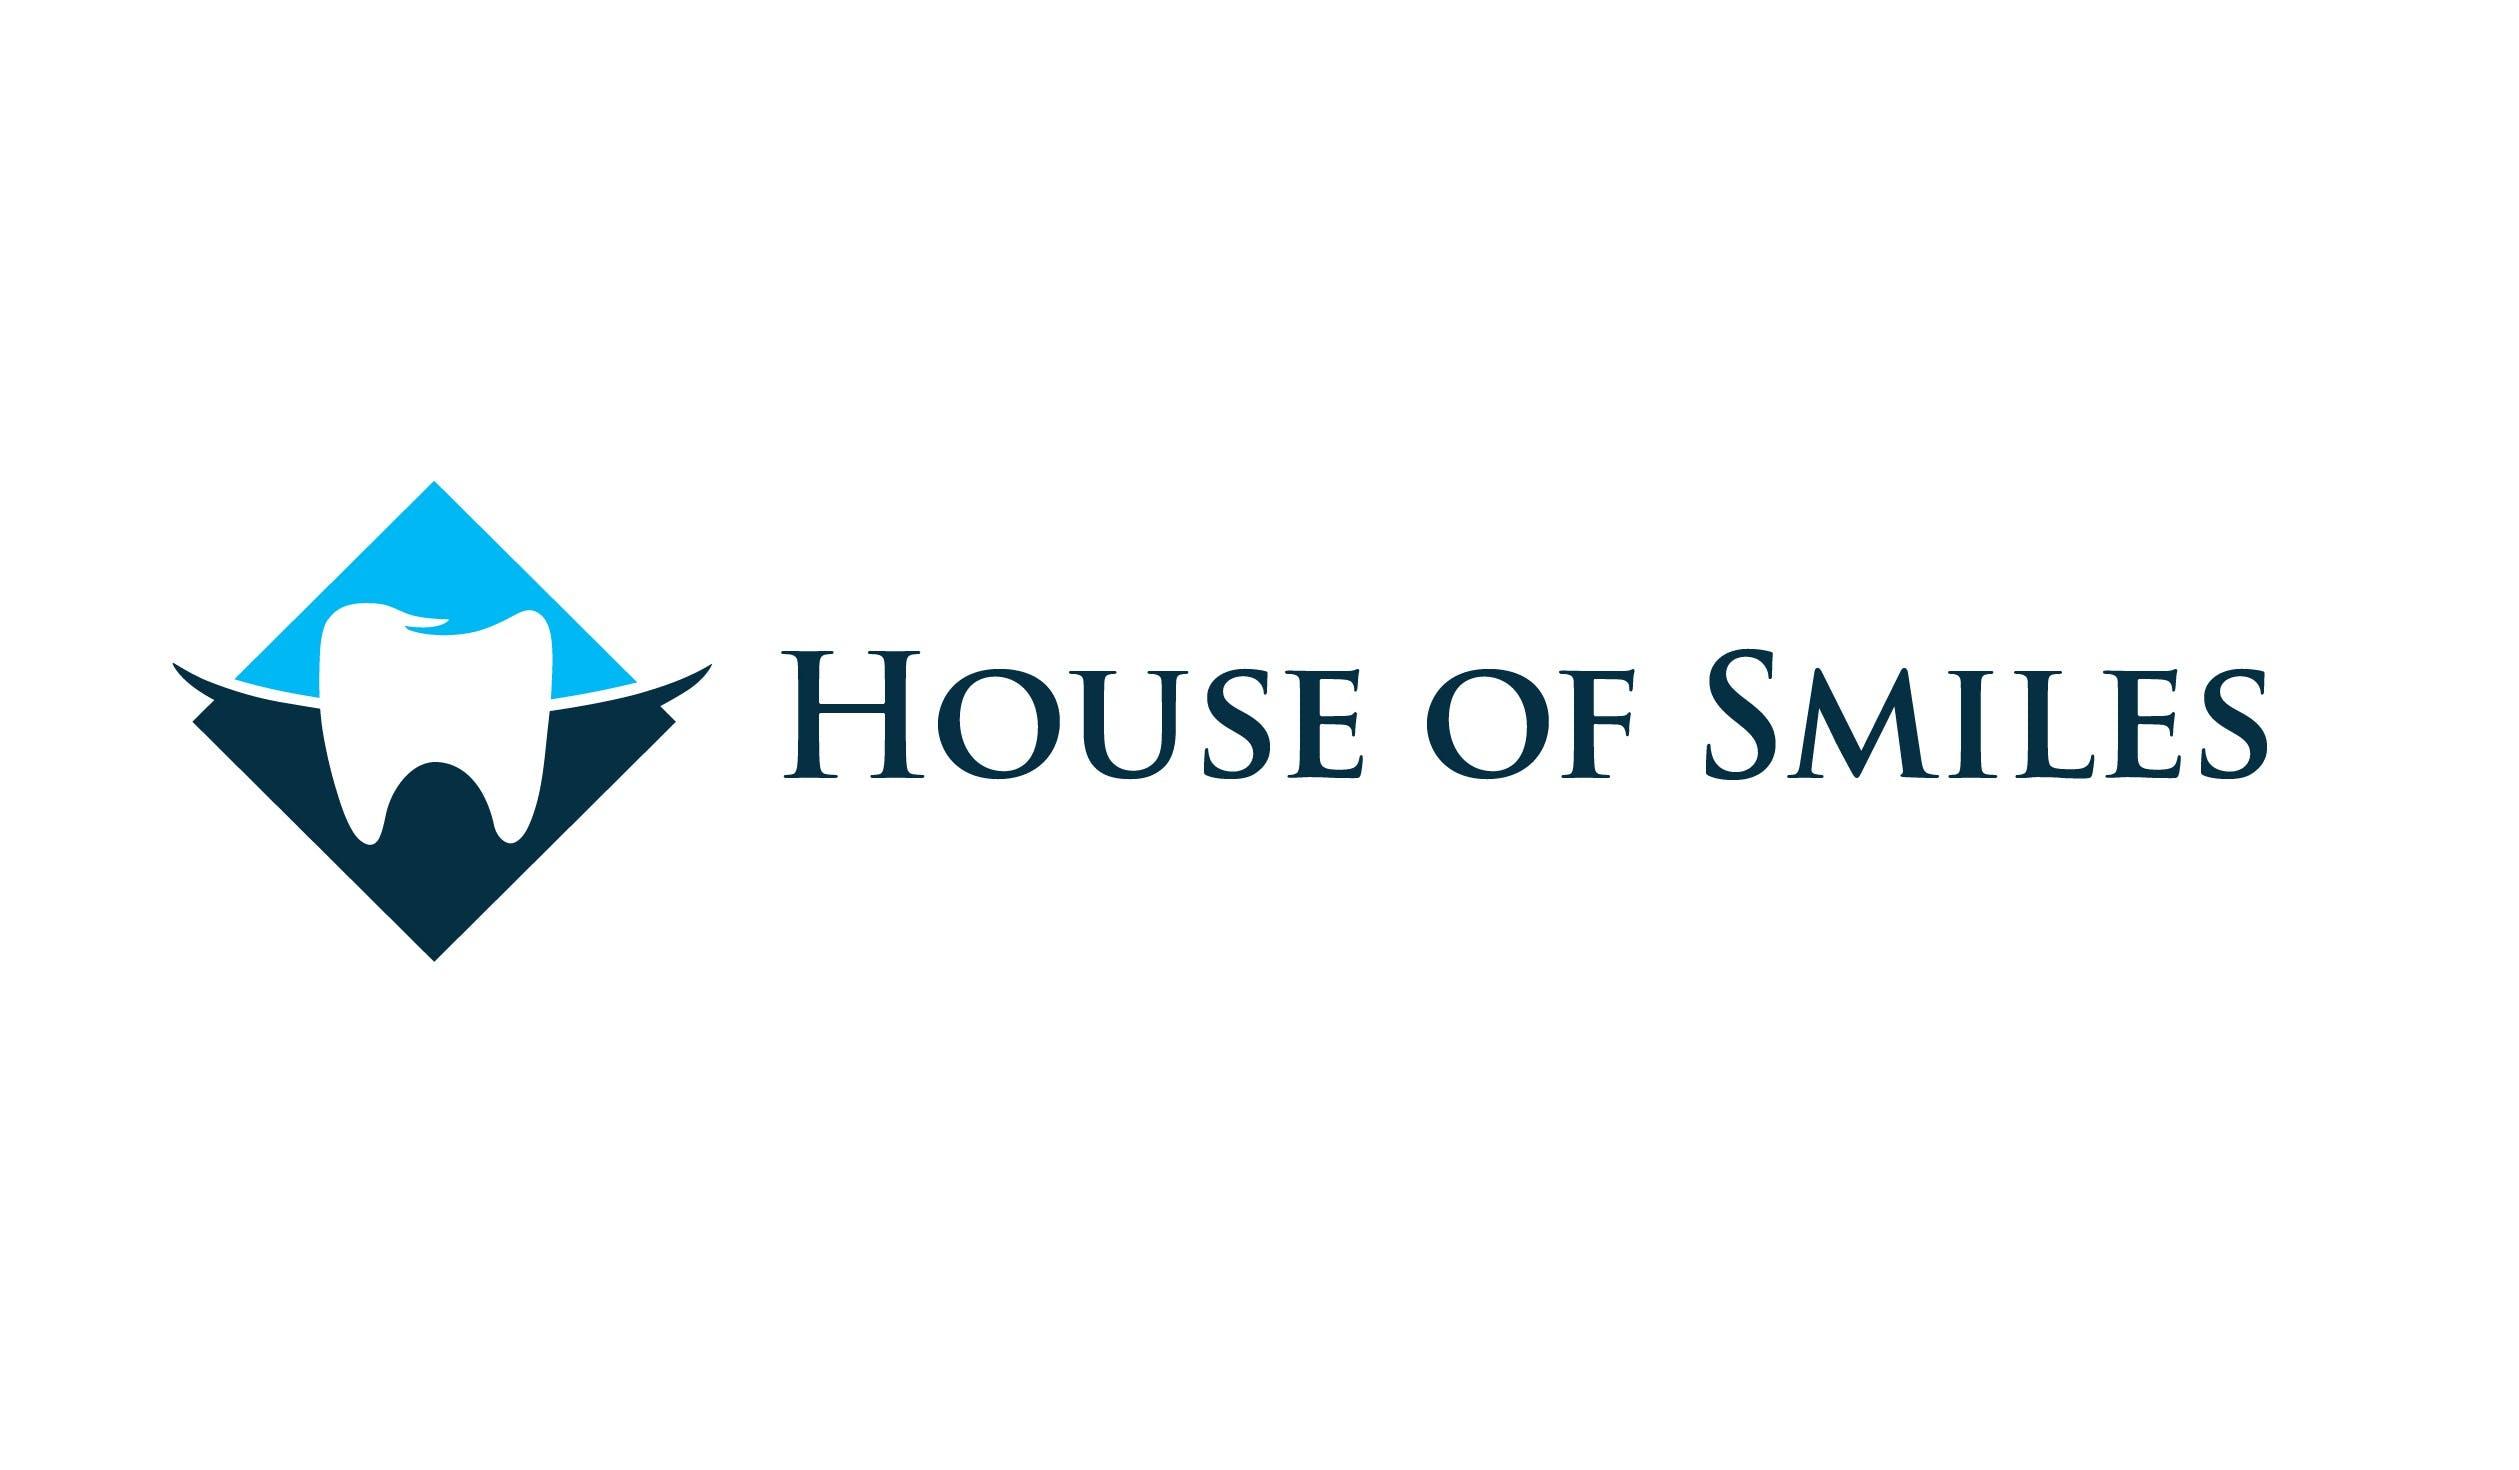 House of Smiles Cockburn Logo